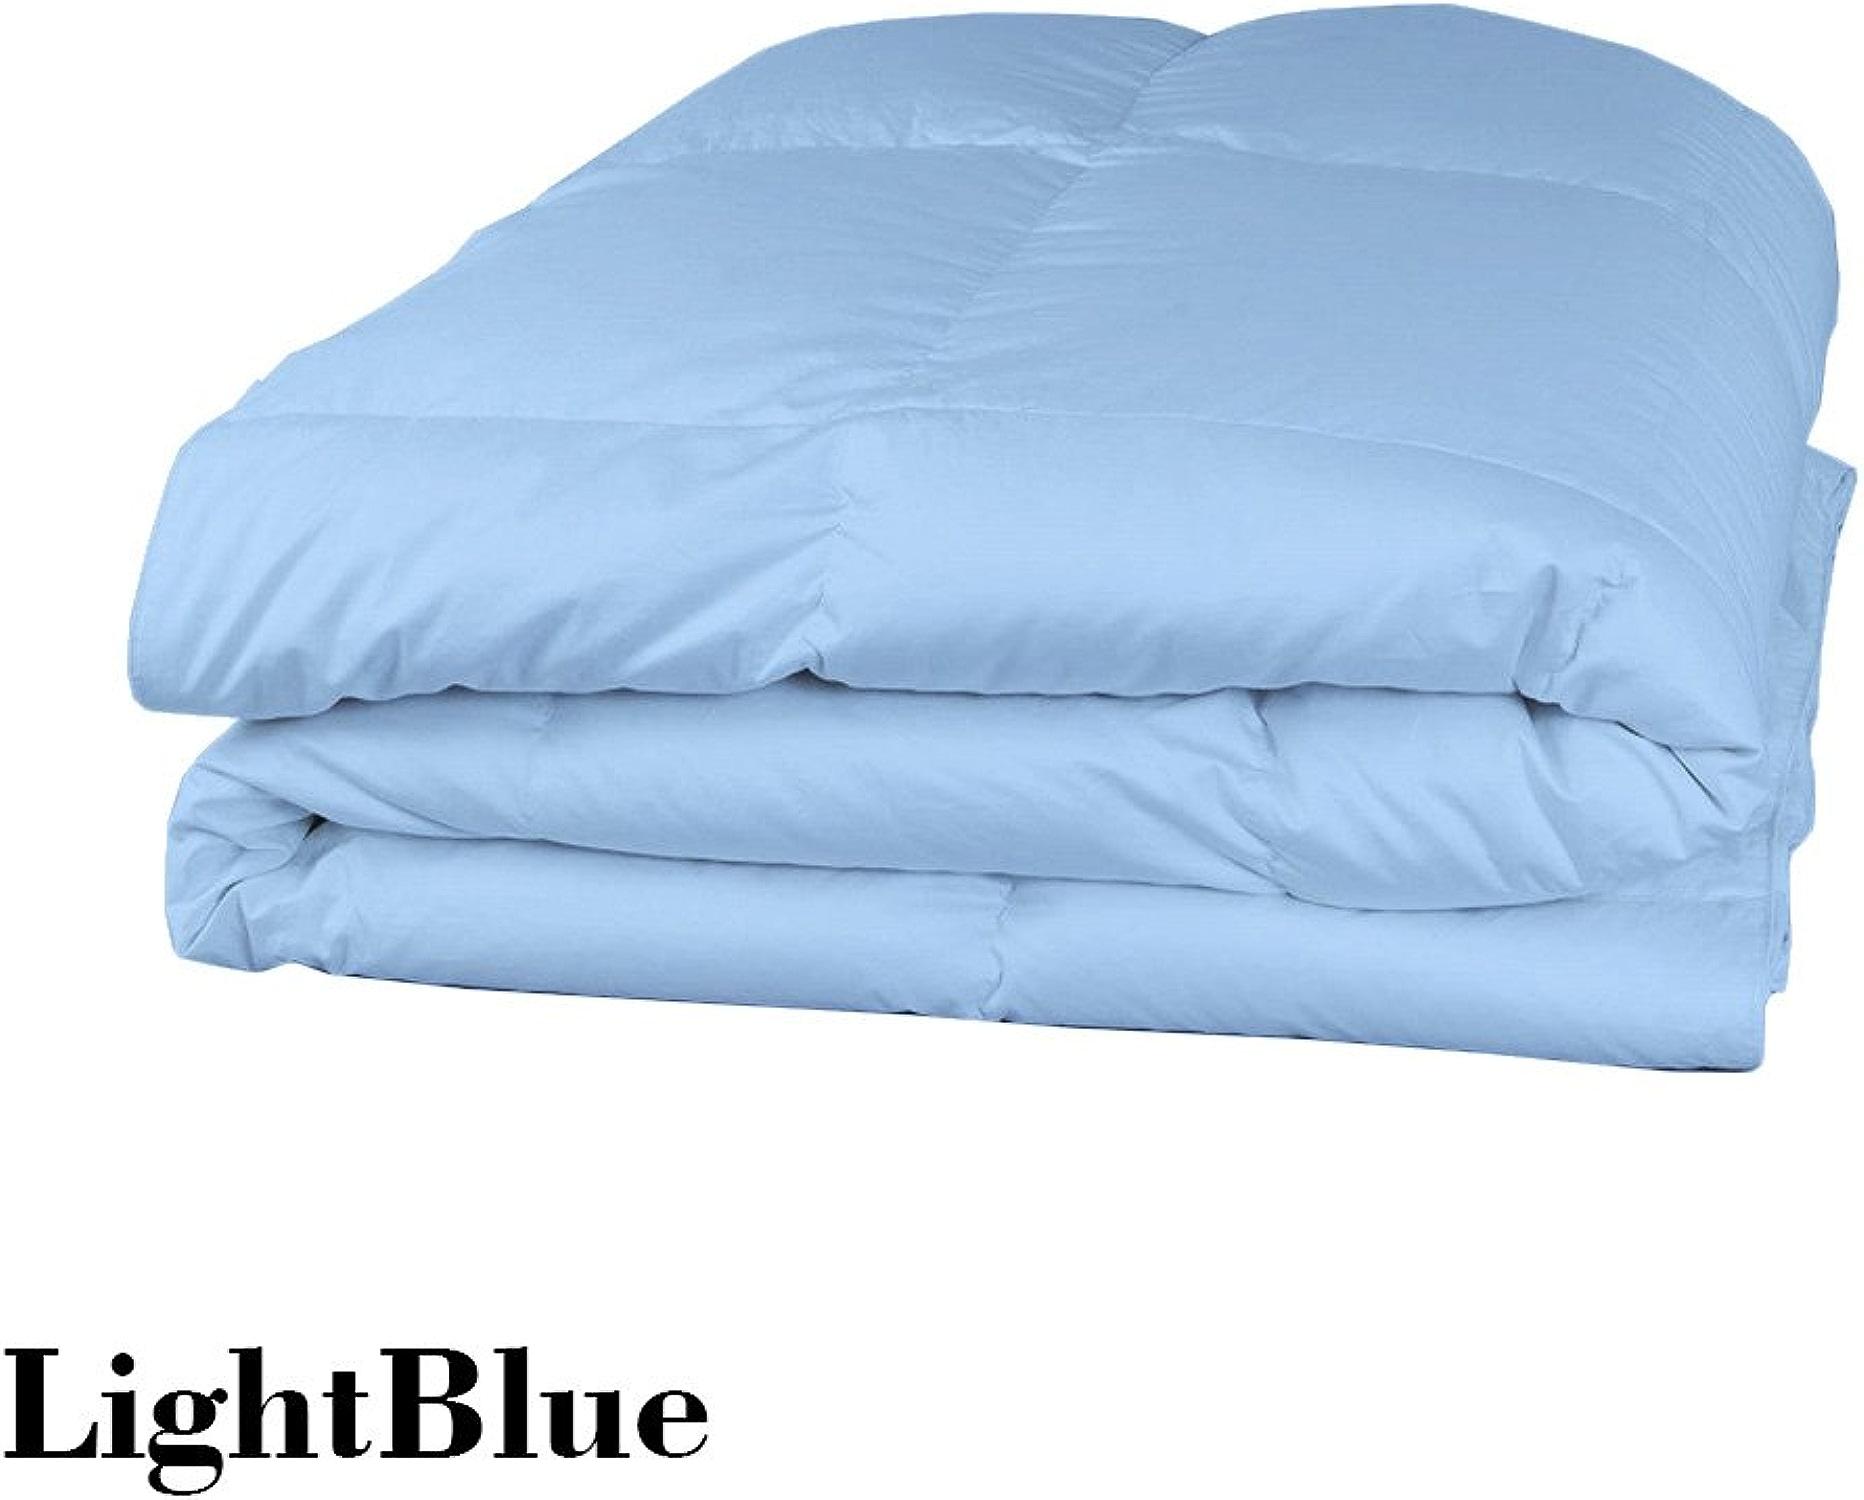 Super Doux Coton égypcravaten 600Fils 1pièce Doudou 300g m2 UK Double Petit Bleu Ciel Solide 100% Coton 600tc